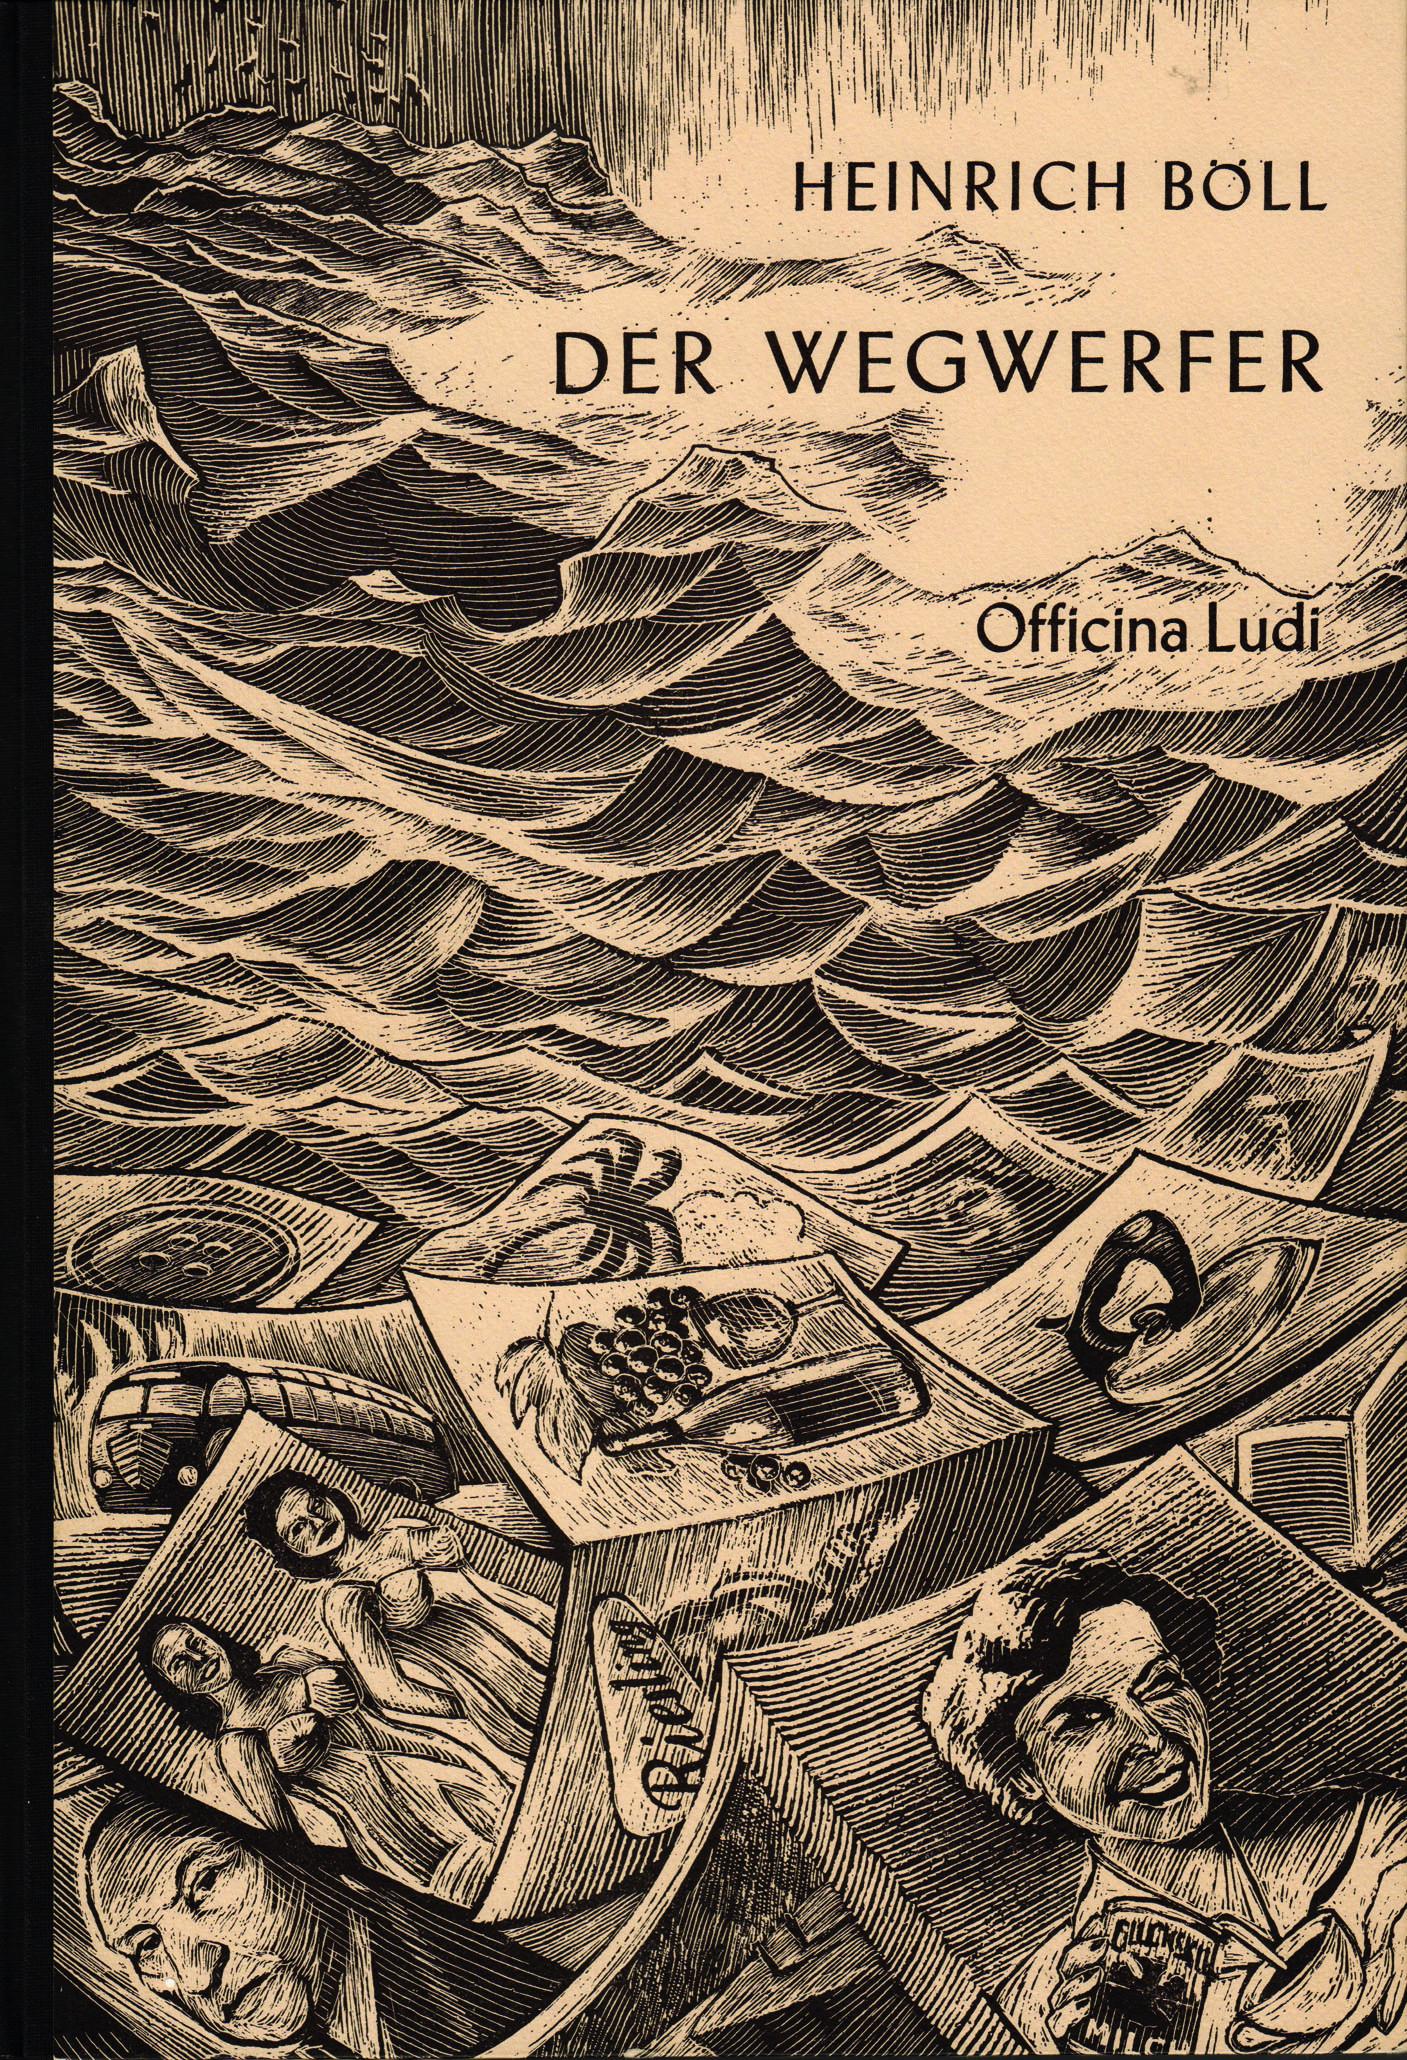 Der-Wegwerfer-Heinrich-Boell